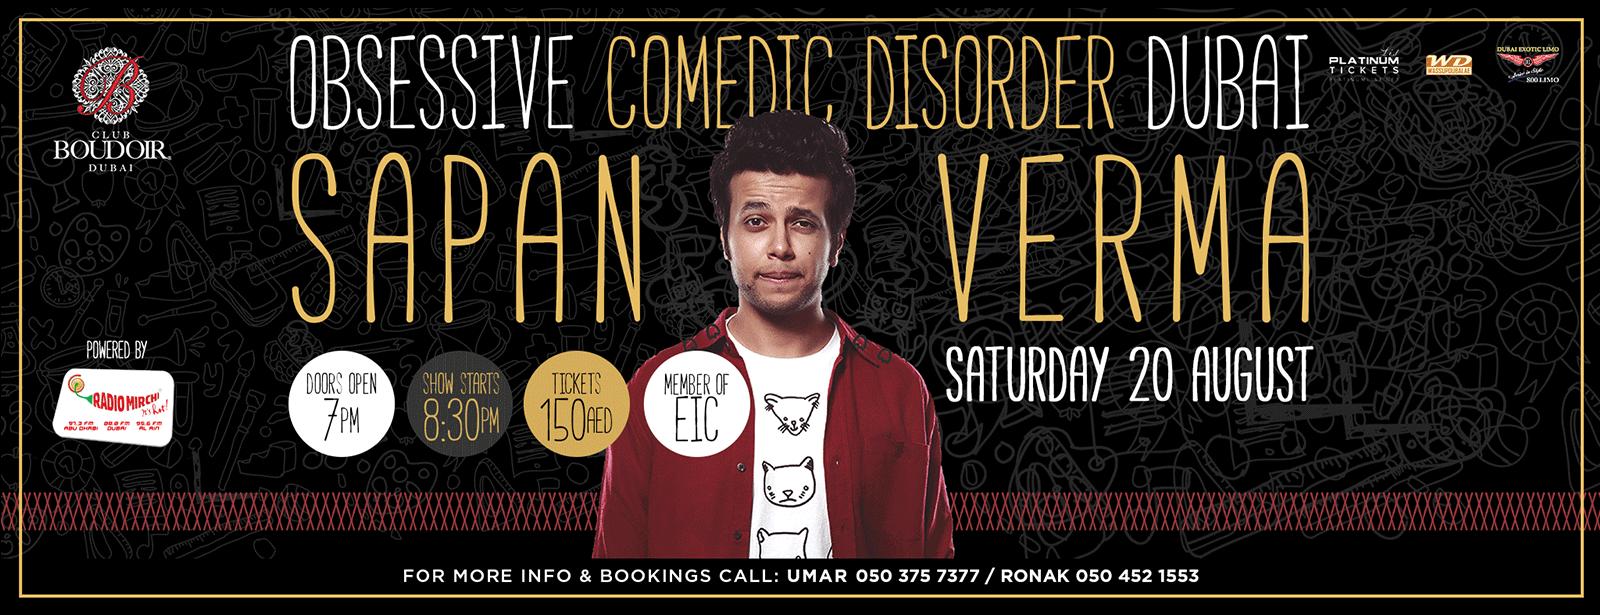 عرض الكوميديان سابان فيرما في دبي